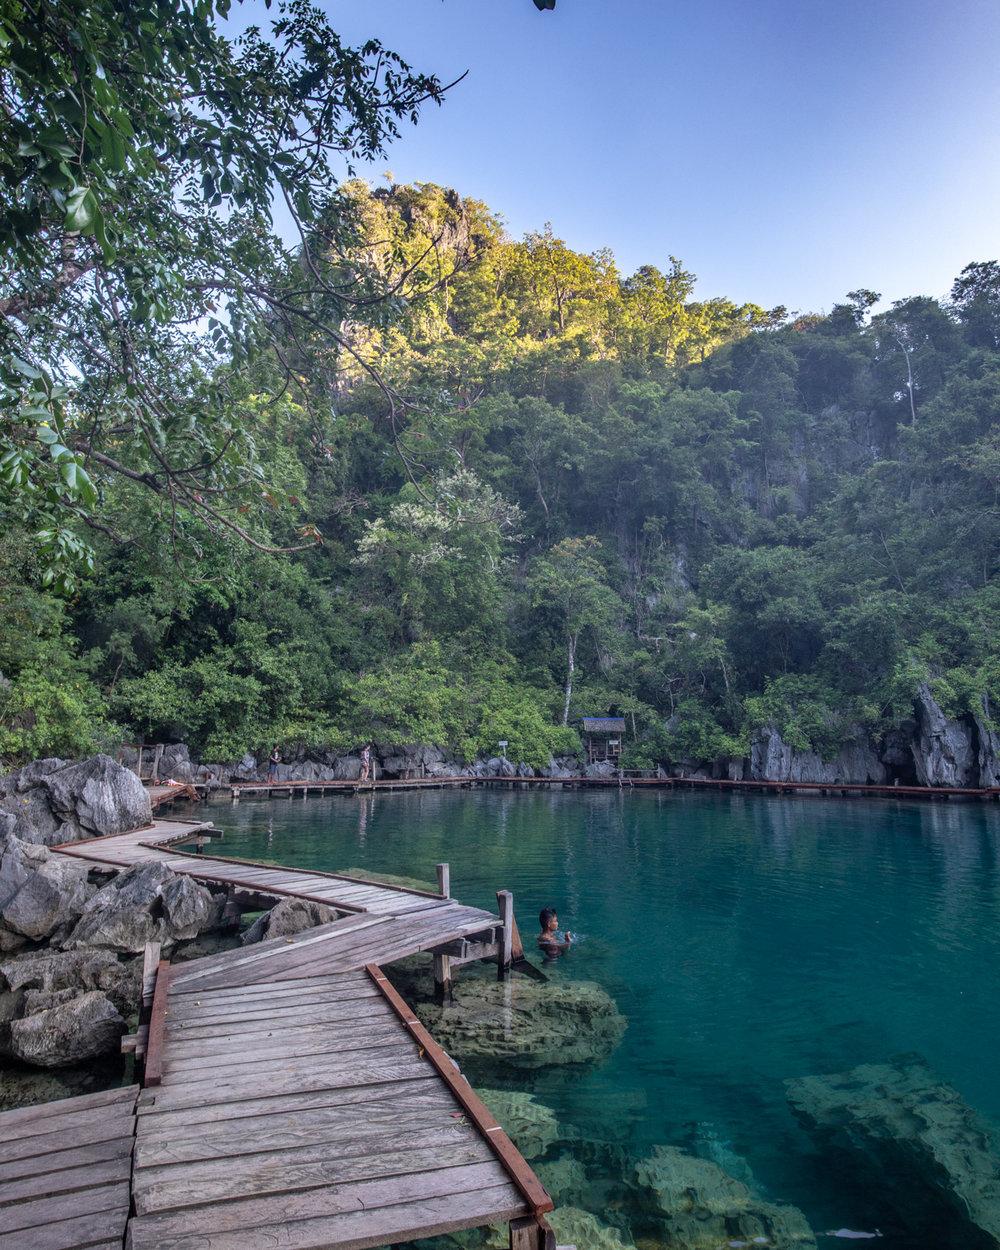 Island Hopping in Coron, Palawan. The epic lakes on Coron Island